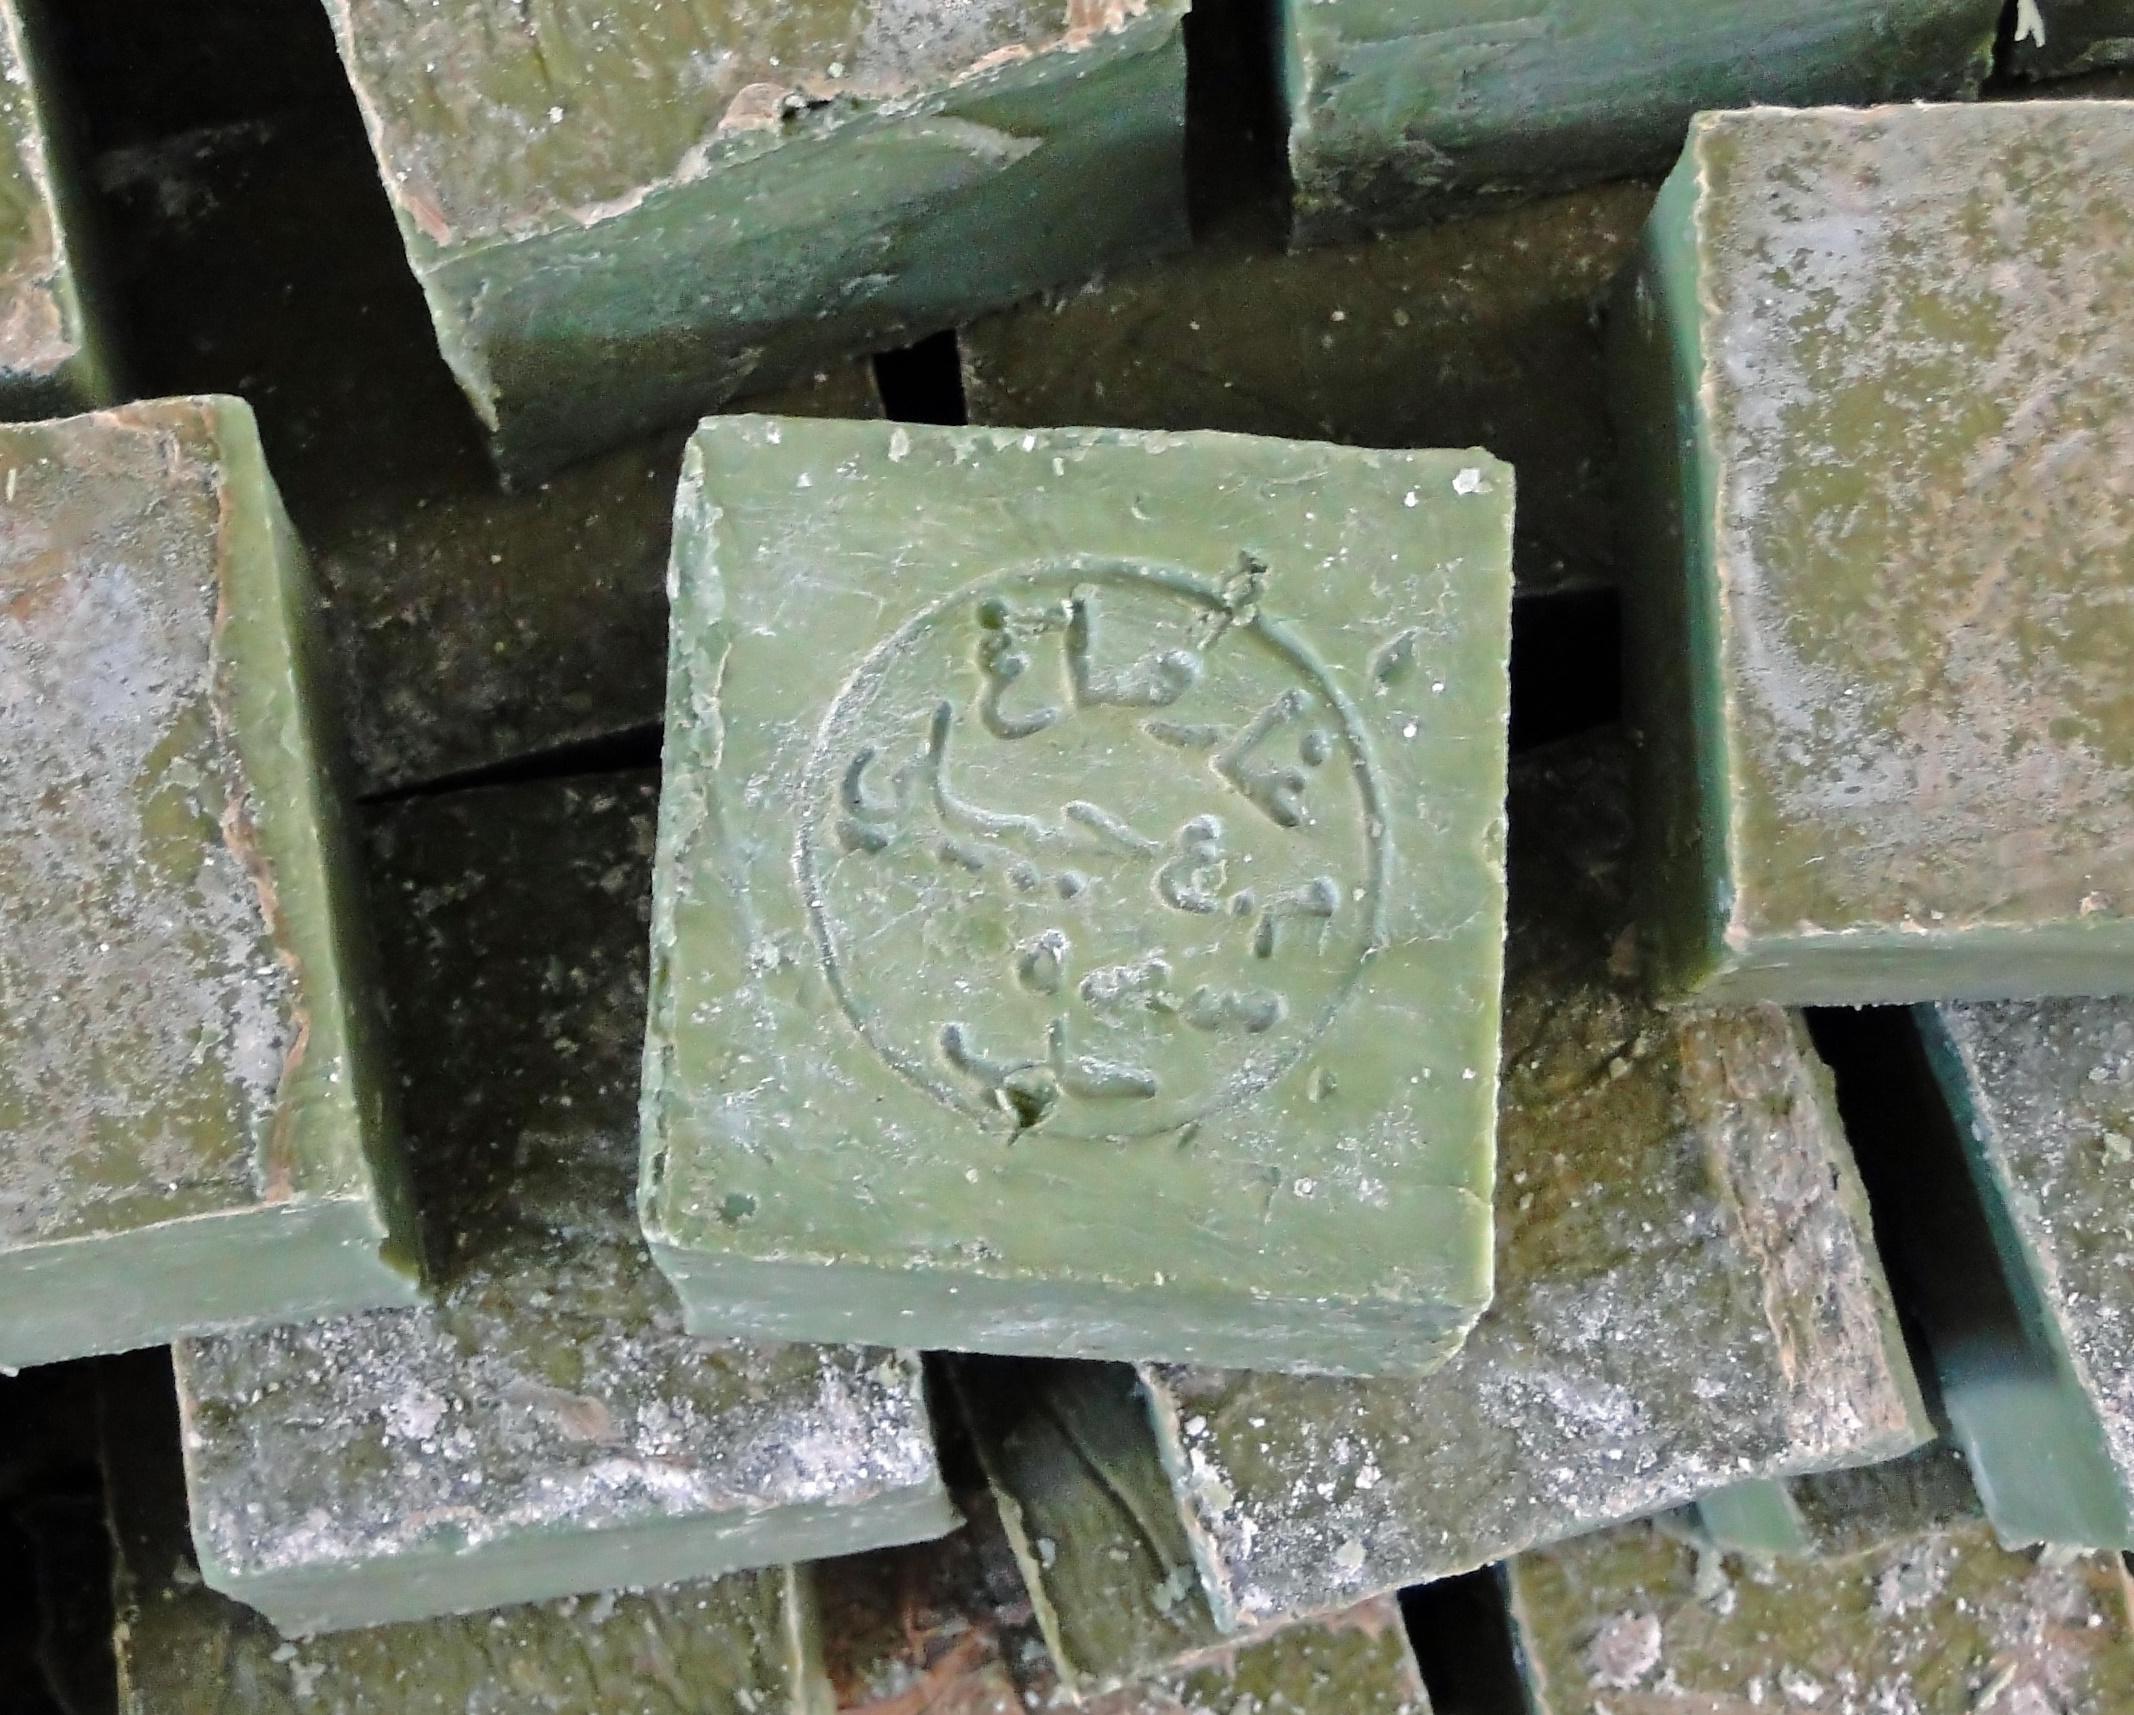 Aleppo soap - Wikipedia